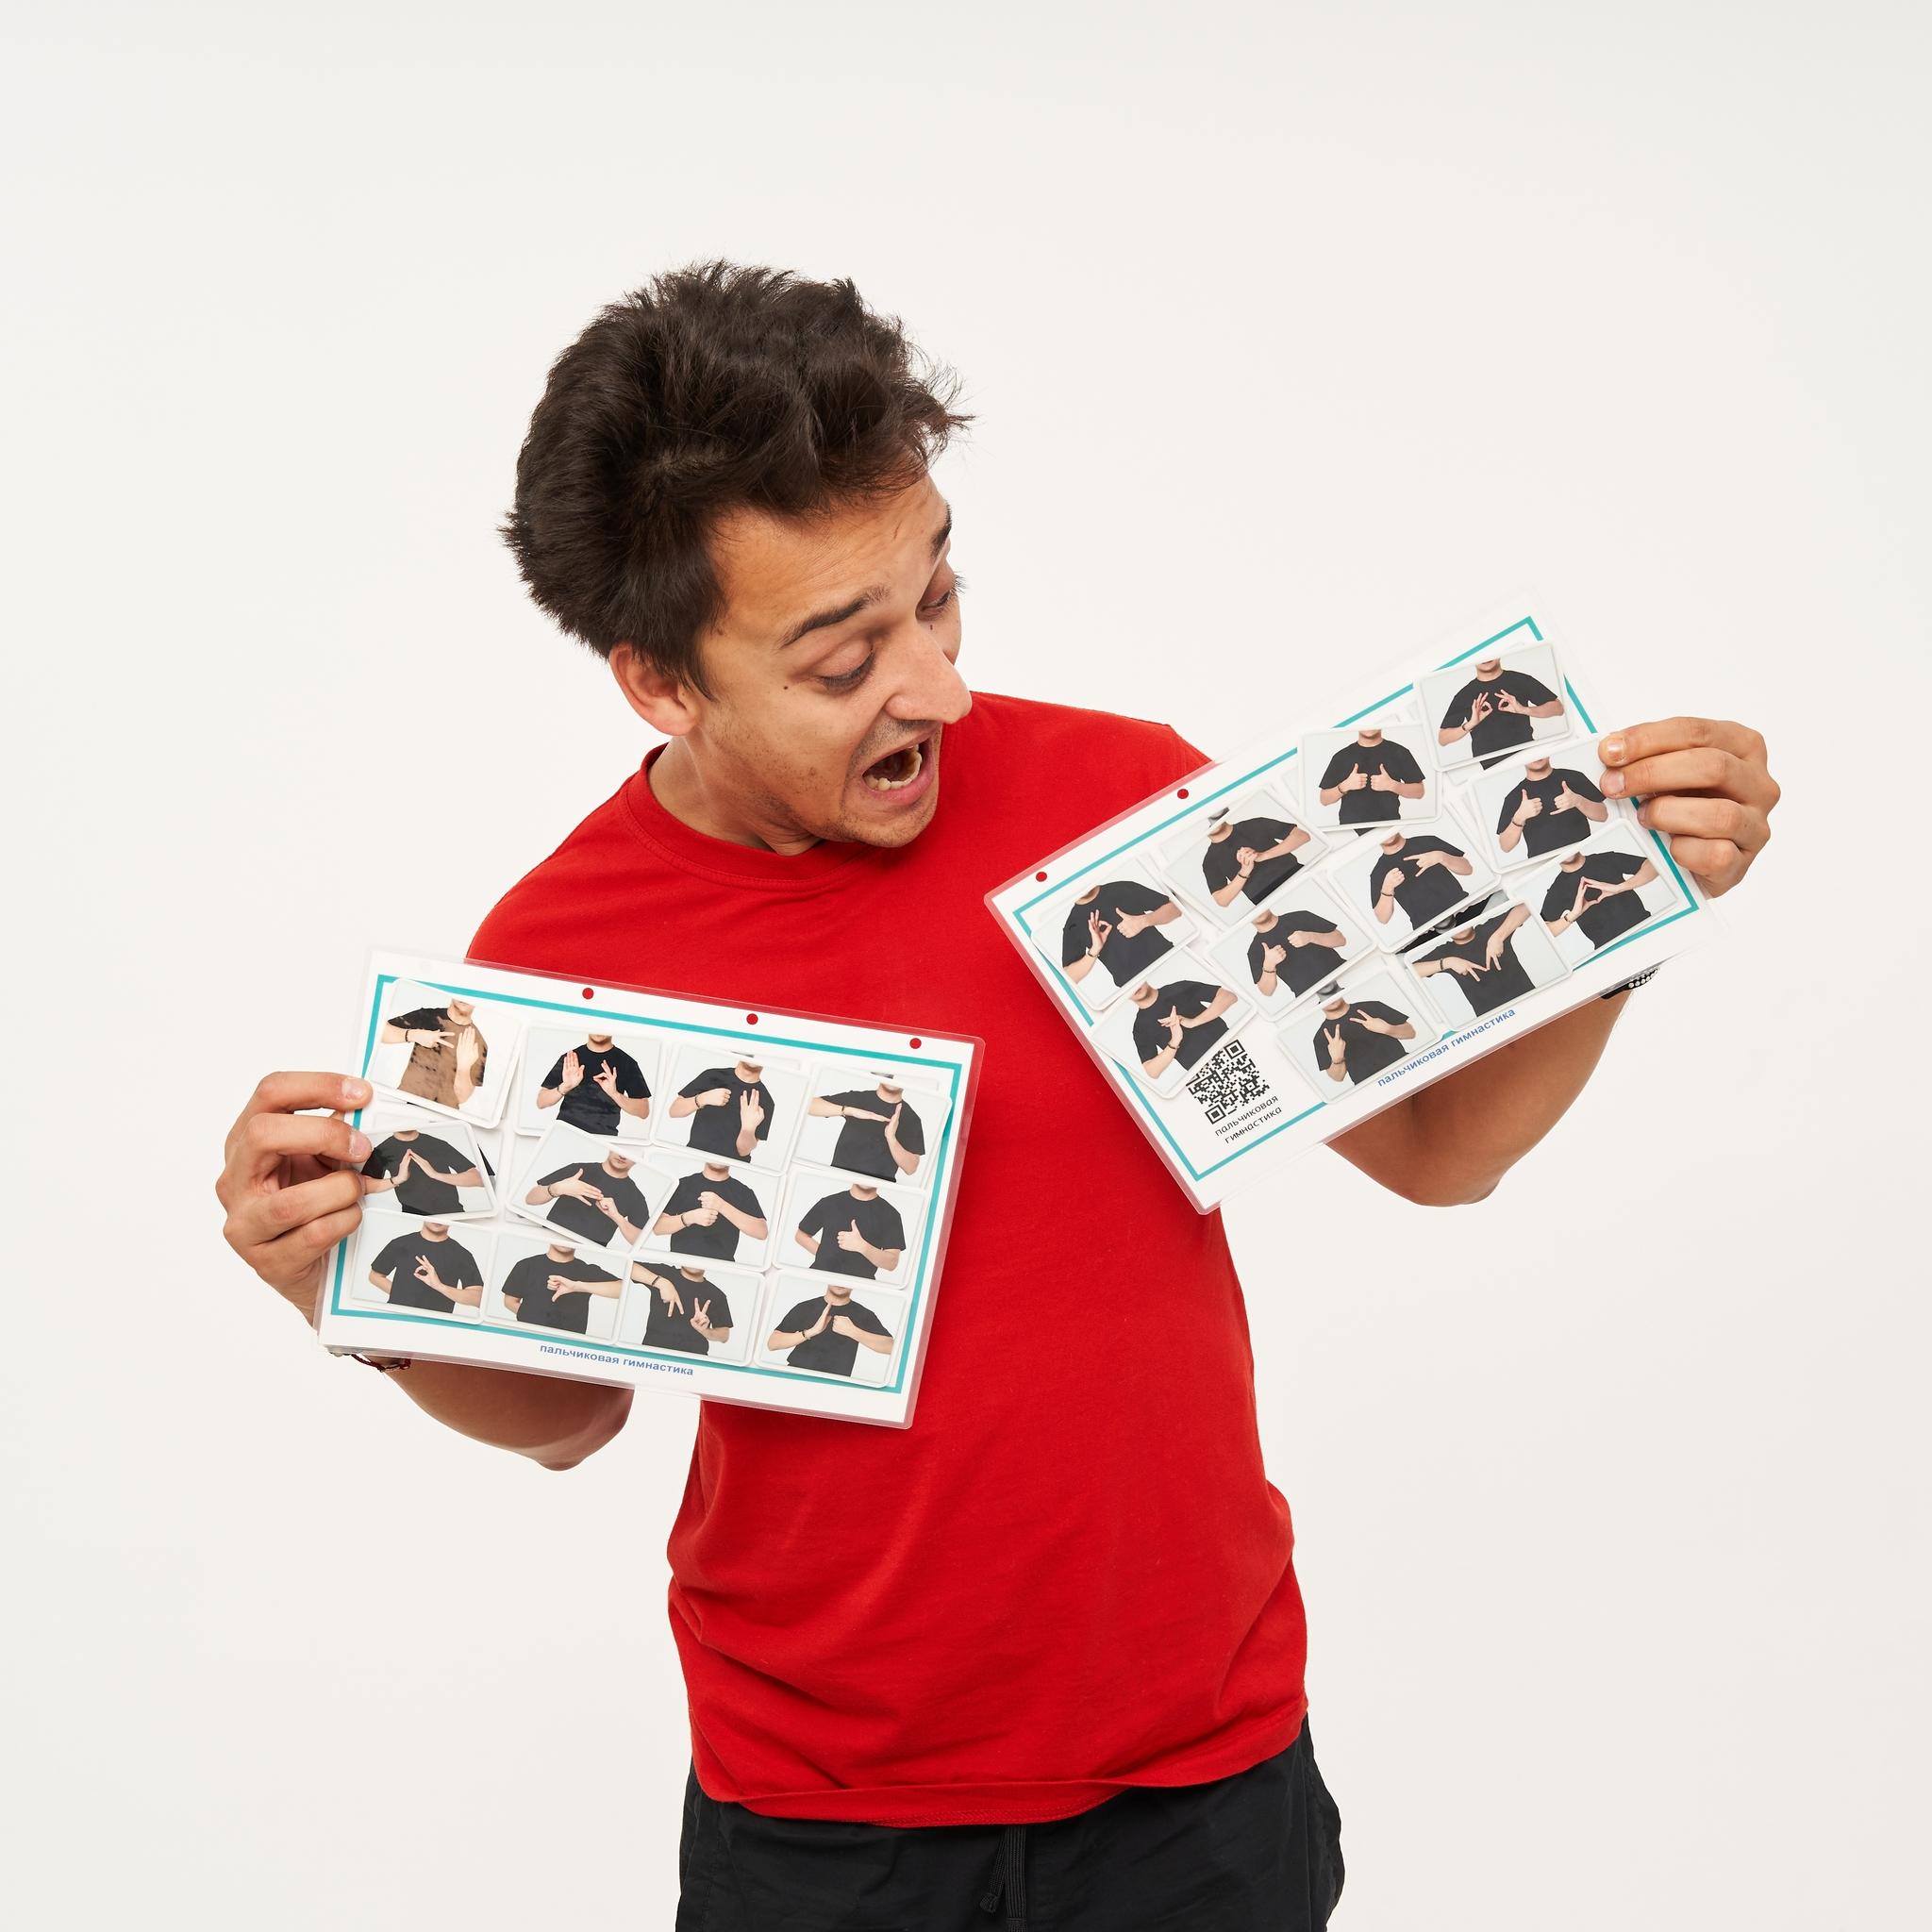 Пальчиковая гимнастика с QR-кодом. Запуск речи от Рината Каримова. Развивающие пособия на липучках Frenchoponcho (Френчопончо)